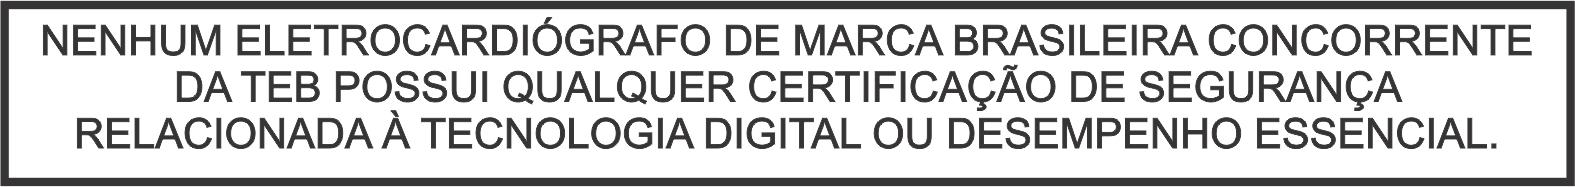 Nenhum eletrocardiógrafo de marca brasileira concorrente da TEB possui qualquer Certificação de Segurança relacionada à tecnologia digital ou desempenho essencial.